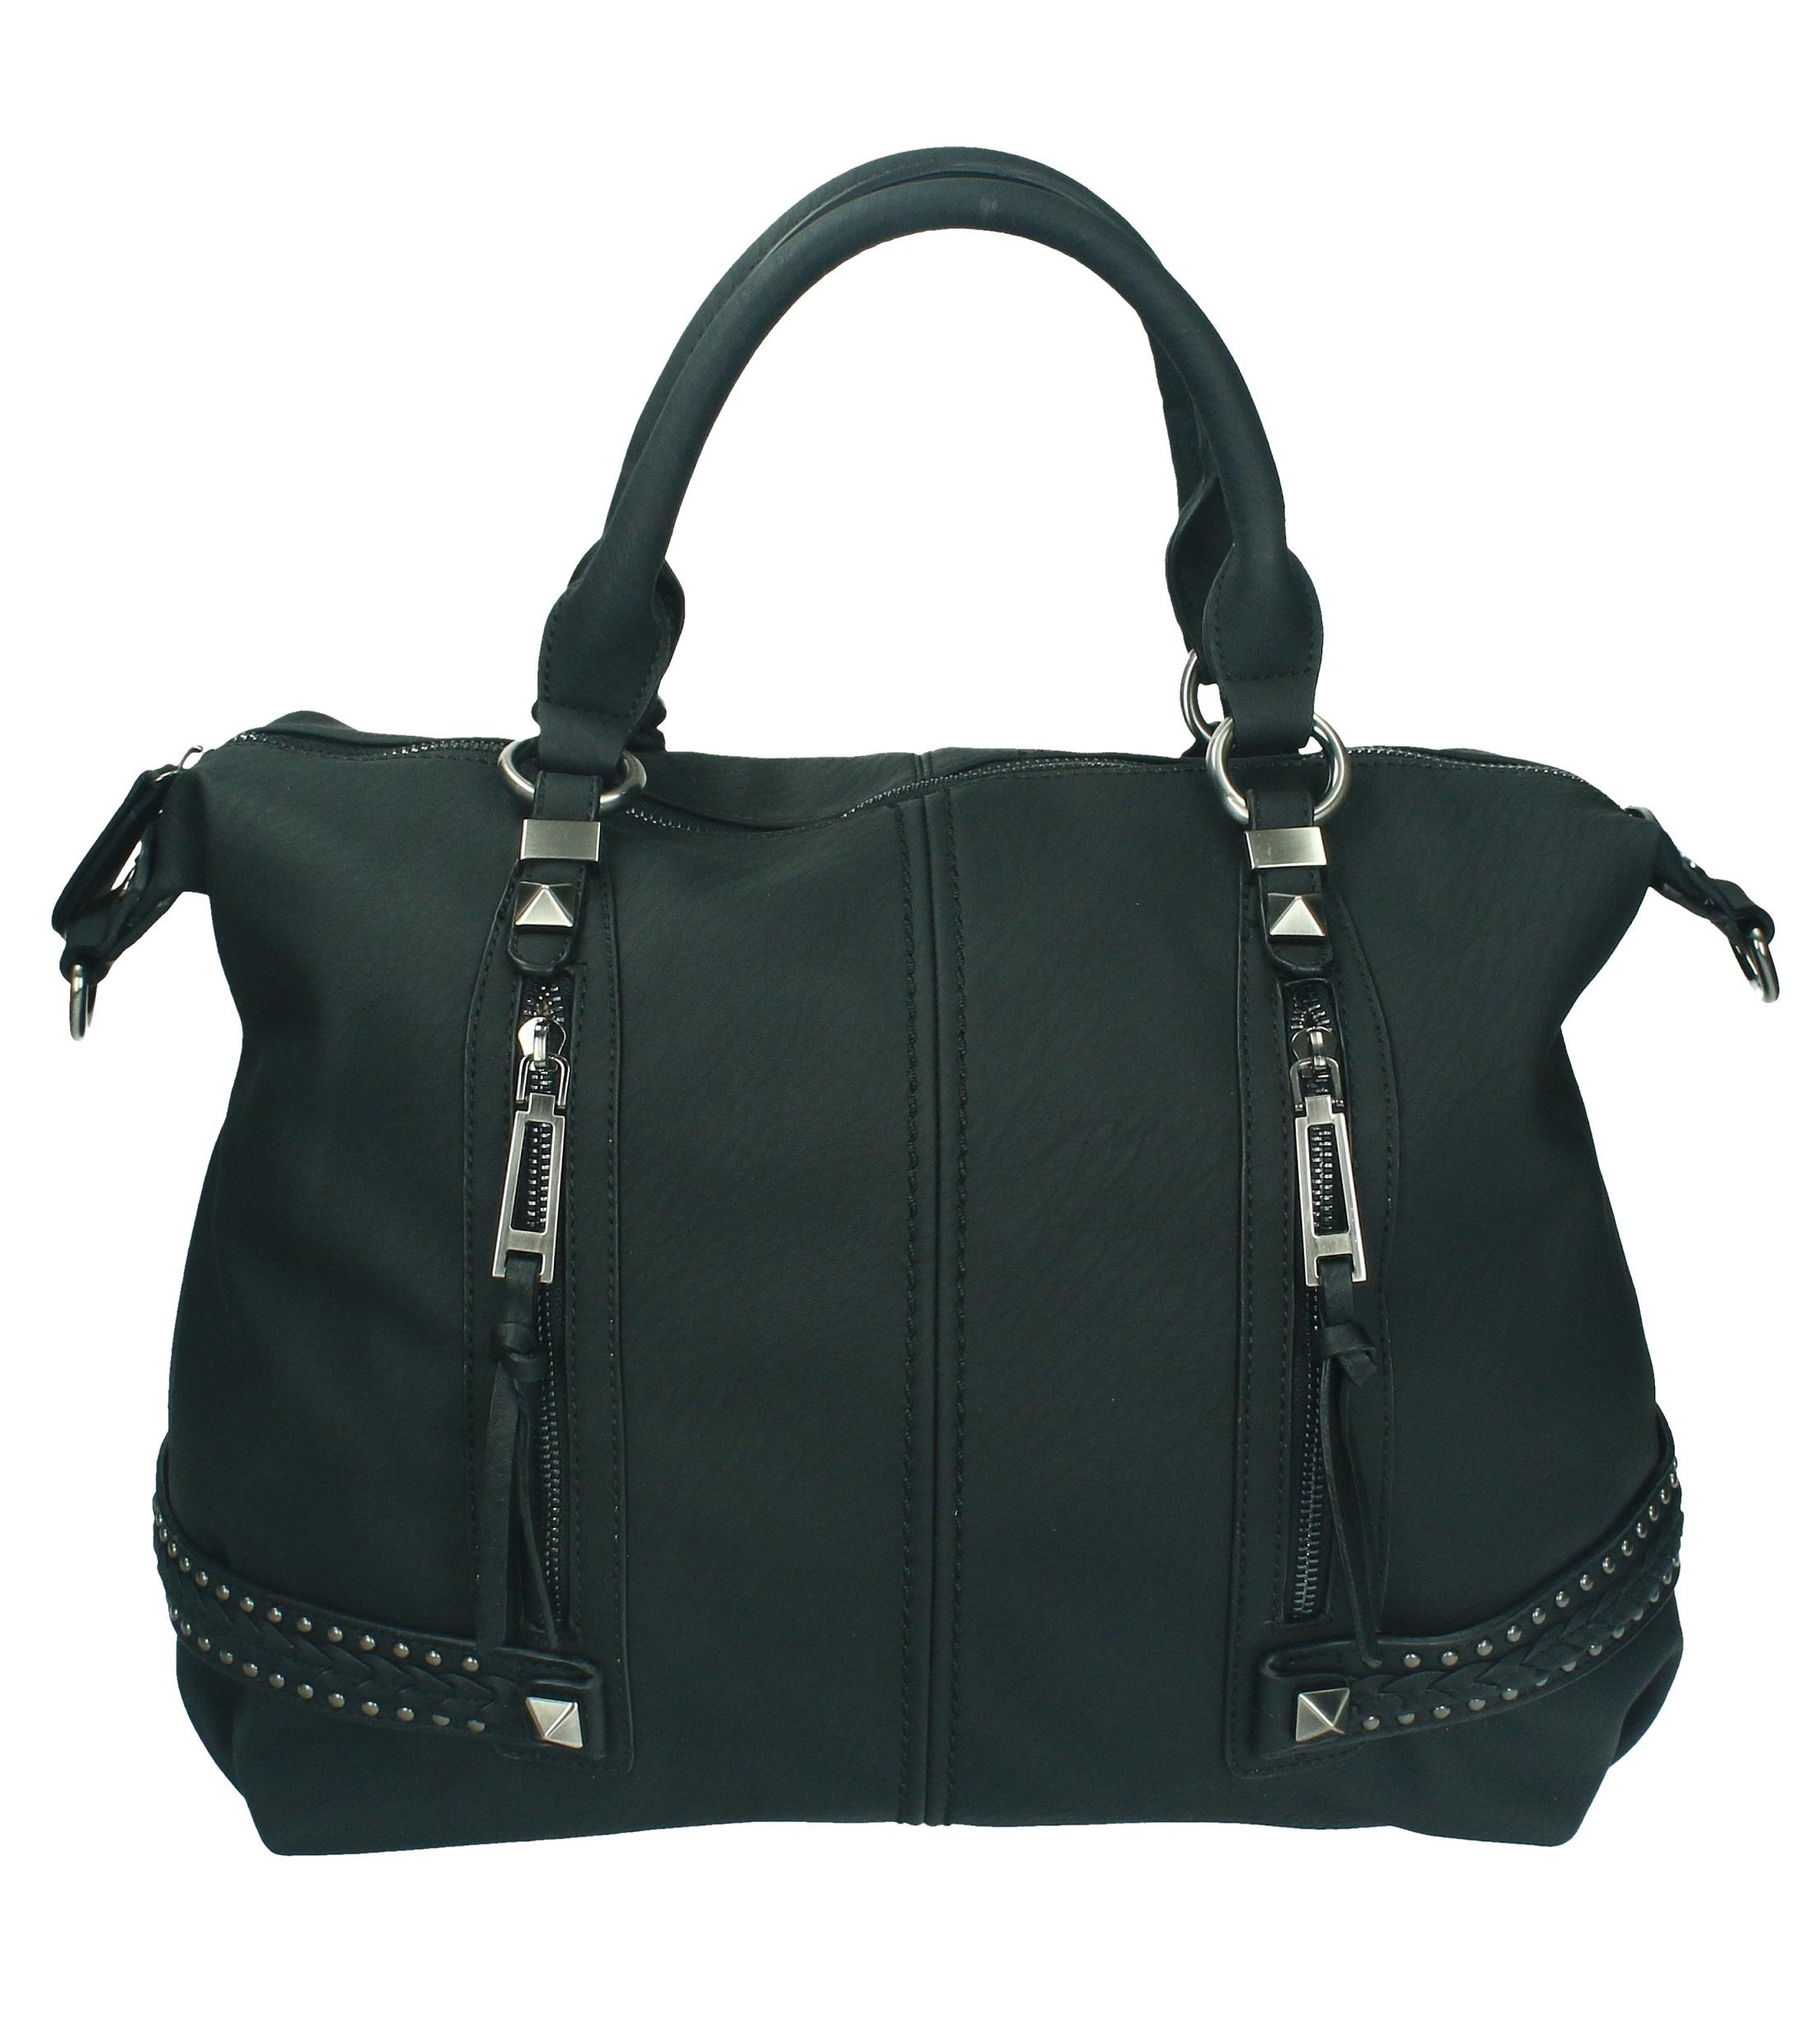 Betz sac à main pour femme MILANO 3 sac à bandoulière avec fermeture éclair et deux anses couleur noir bQ3UkifL